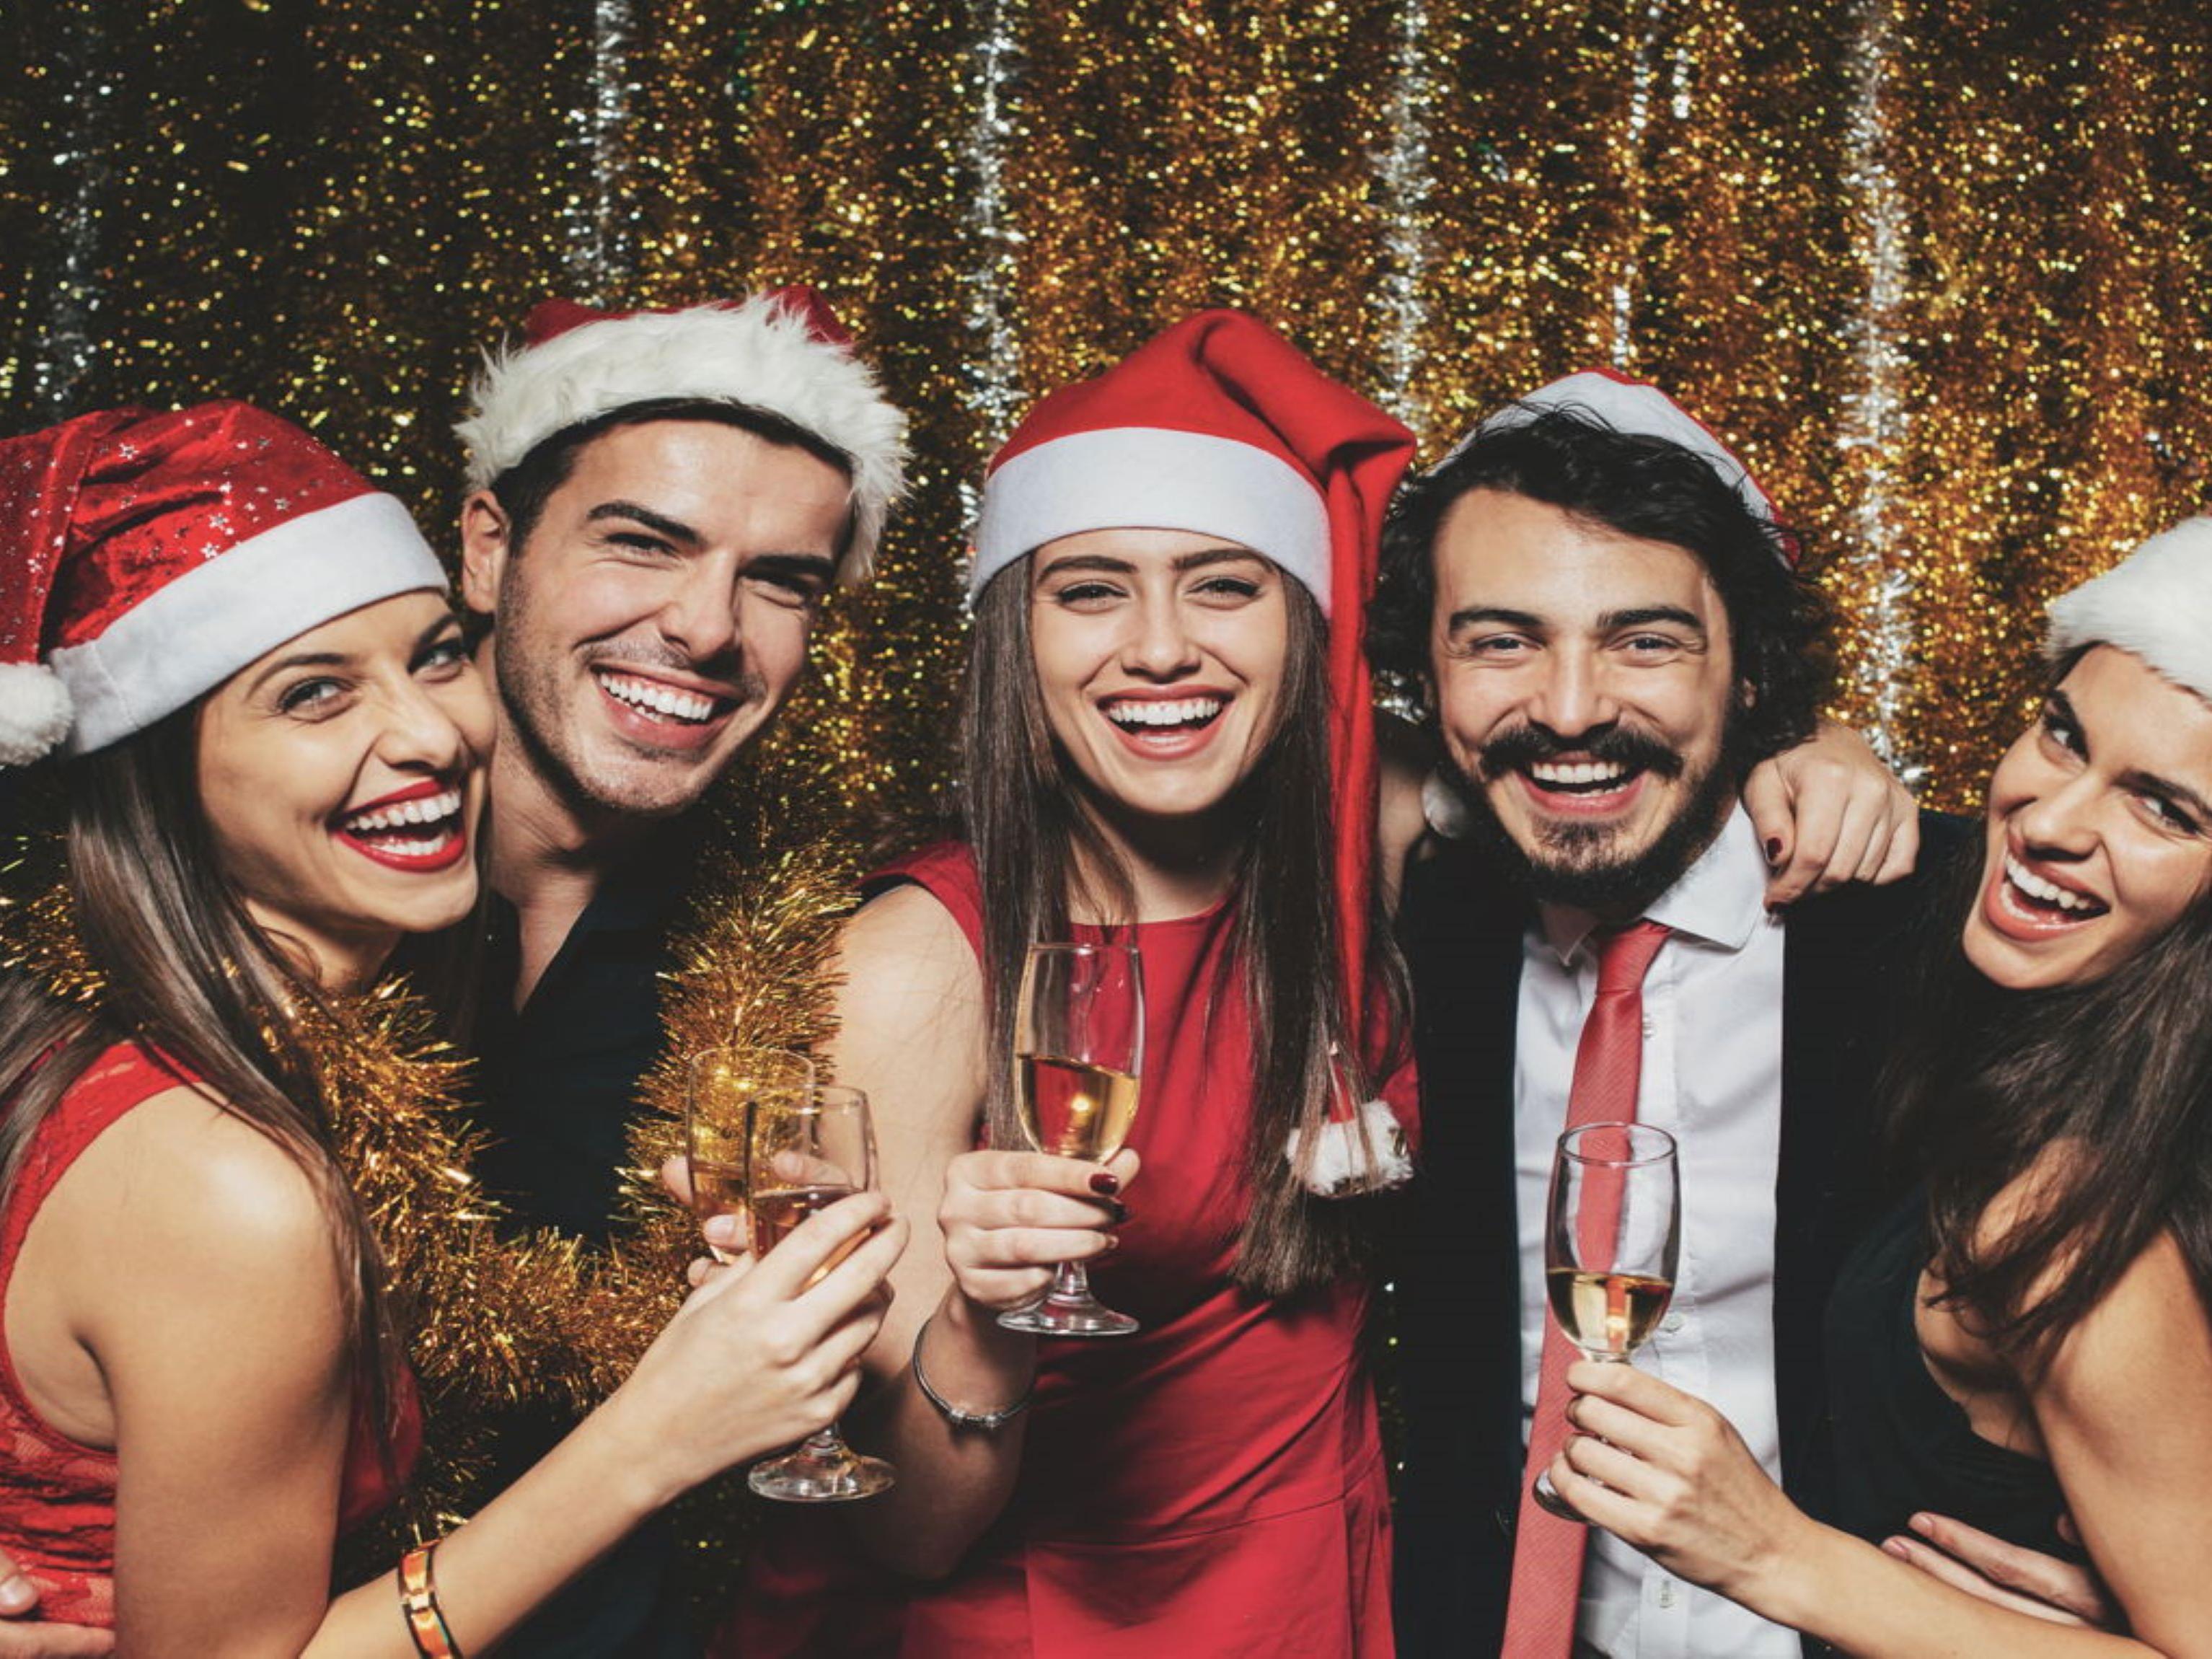 nopeus dating Glasgow ikä 20 voi dating ei kristillistä työtä